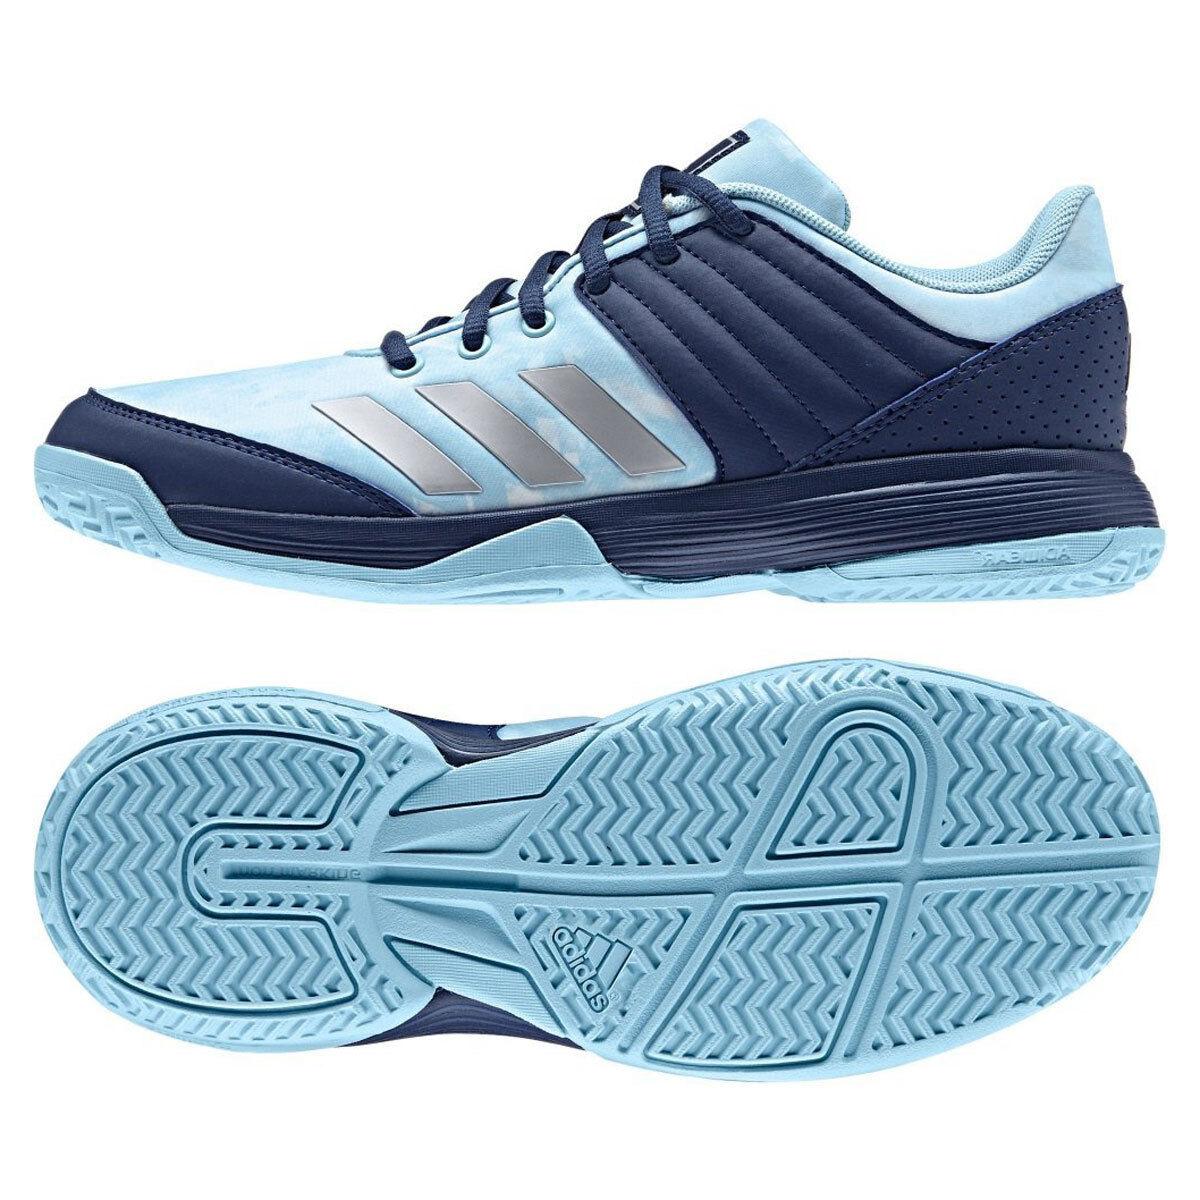 ADIDAS LIGRA 5 W Damen Volleyball Schuhe Indoor Sportschuhe Hallenschuhe BY2580